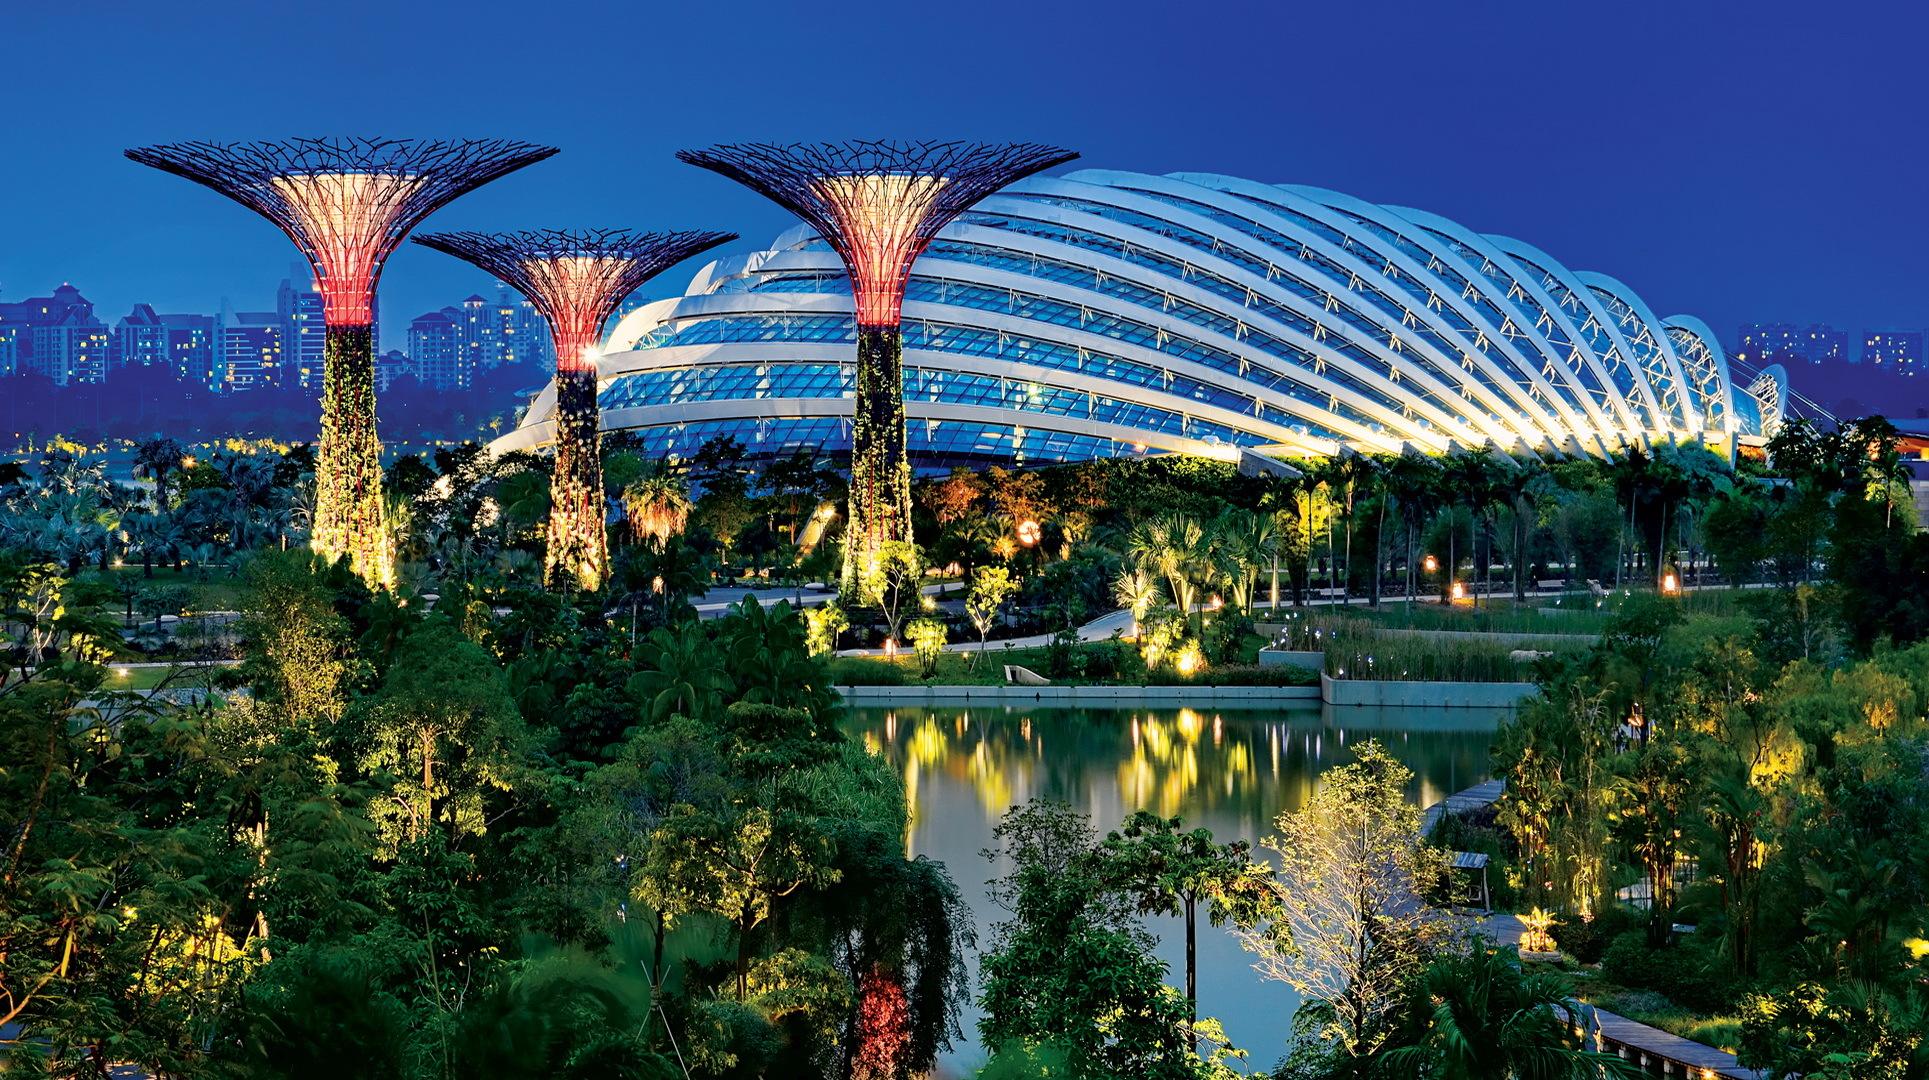 paket wisata singapore 3 hari 2 malam, paket singapore 3 hari 2 malam, paket singapore 3 hari 2 malam 2018, paket liburan singapore 3 hari 2 malam, paket 3 hari 2 malam di Singapore, paket 3 hari 2 malam ke Singapore, paket wisata ke singapore 3 hari 2 malam, paket liburan ke singapore 3 hari 2 malam, paket singapore 3 hari 2 malam murah, paket tour singapore murah 3 hari 2 malam, paket tour singapore 3 hari 2 malam, paket tour 3 hari 2 malam di Singapore, paket tour jakarta singapore 3 hari 2 malam, paket tour ke singapore 3 hari 2 malam, paket tour jakarta singapore 3 hari 2 malam, paket tour singapore murah 3 hari 2 malam, paket tour singapore 3 hari 2 malam, paket tour 3 hari 2 malam di Singapura, paket tour jakarta singapura 3 hari 2 malam, harga paket tour singapore 3 hari 2 malam, harga paket wisata singapore 3 hari 2 malam, harga paket singapore 3 hari 2 malam, tour singapore 3 hari 2 malam, tour singapore 3 hari 2 malam 2018,, tour ke singapore 3 hari 2 malam, tour 3 hari 2 malam di Singapore, itinerary tour singapore 3 hari 2 malam, jadwal tour singapore 3 hari 2 malam, biaya tour singapore 3 hari 2 malam, trip singapore 3 hari 2 malam